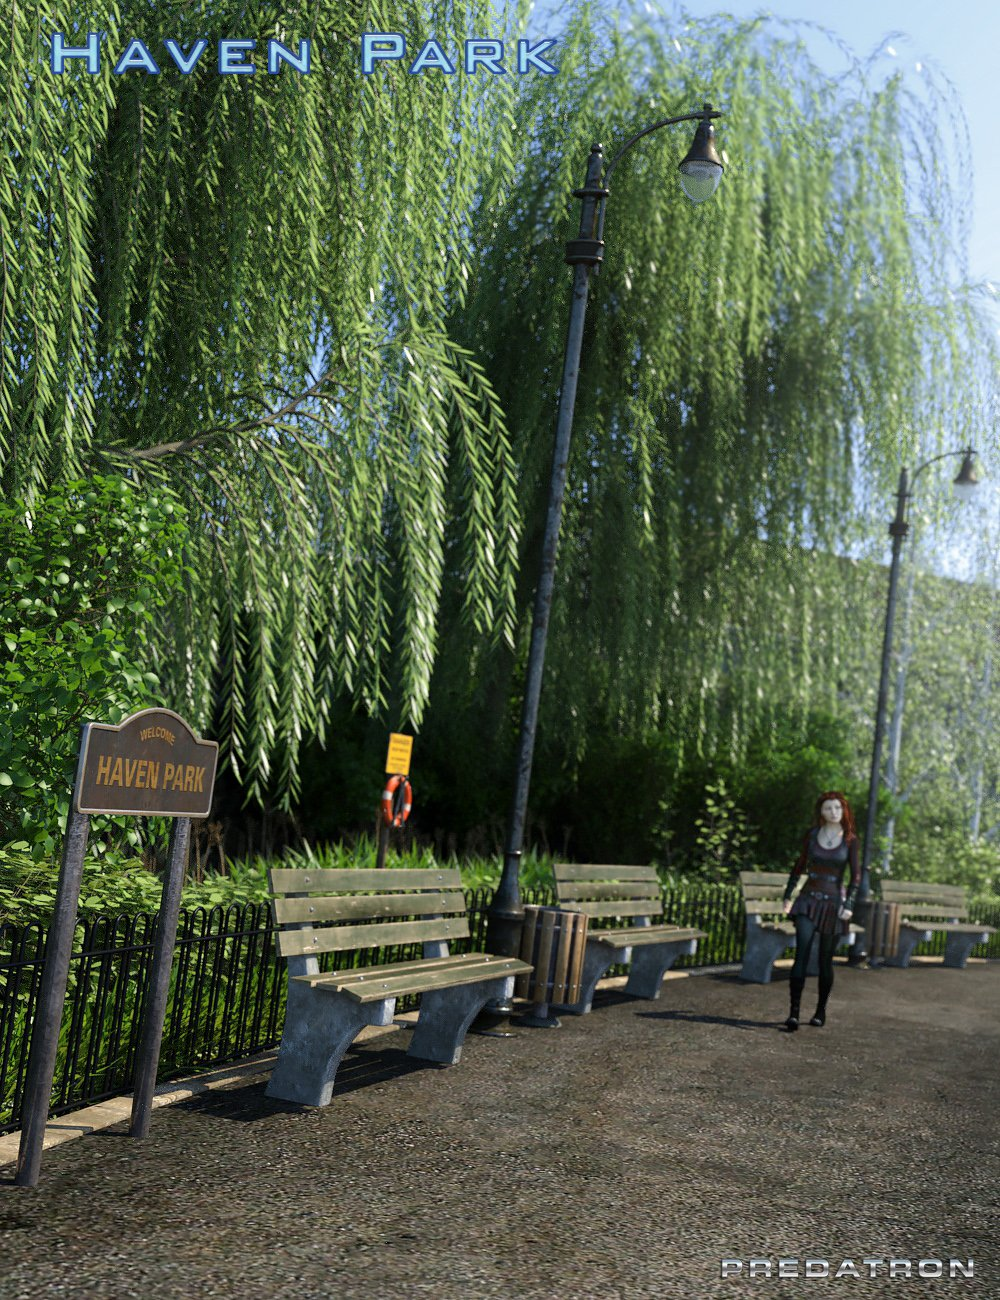 Haven Park by: Predatron, 3D Models by Daz 3D